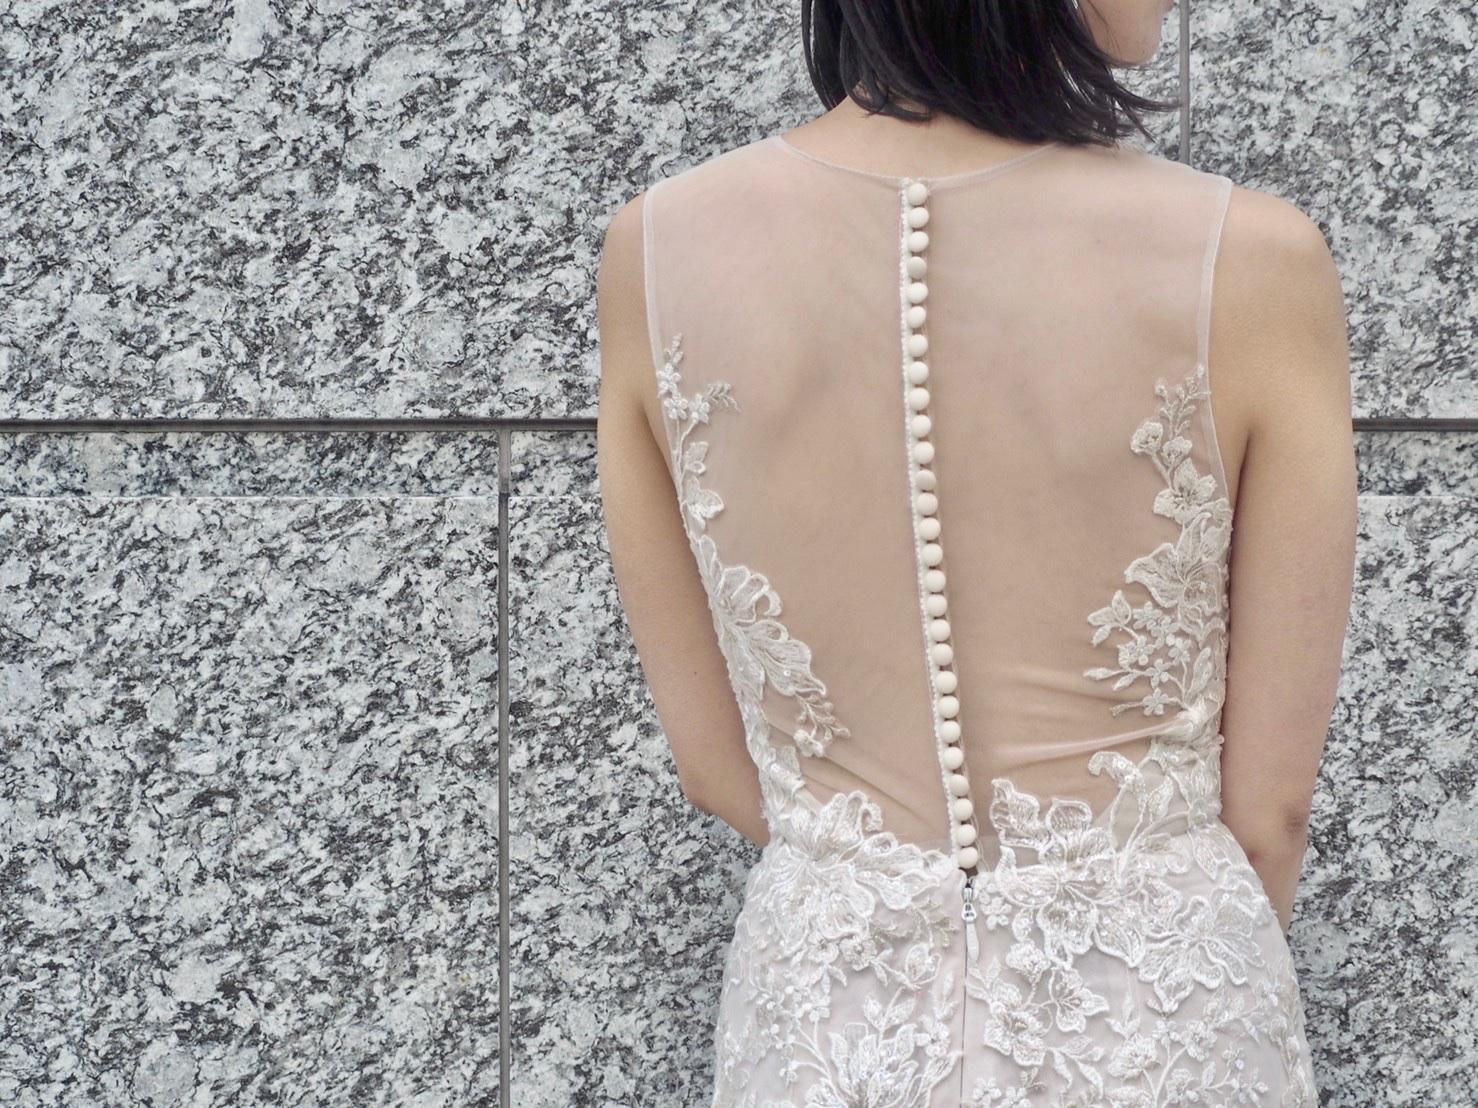 トリートドレッシング神戸店にてお取り扱いのあるシースルーのお背中がポイントのマーメイドドレスのご紹介